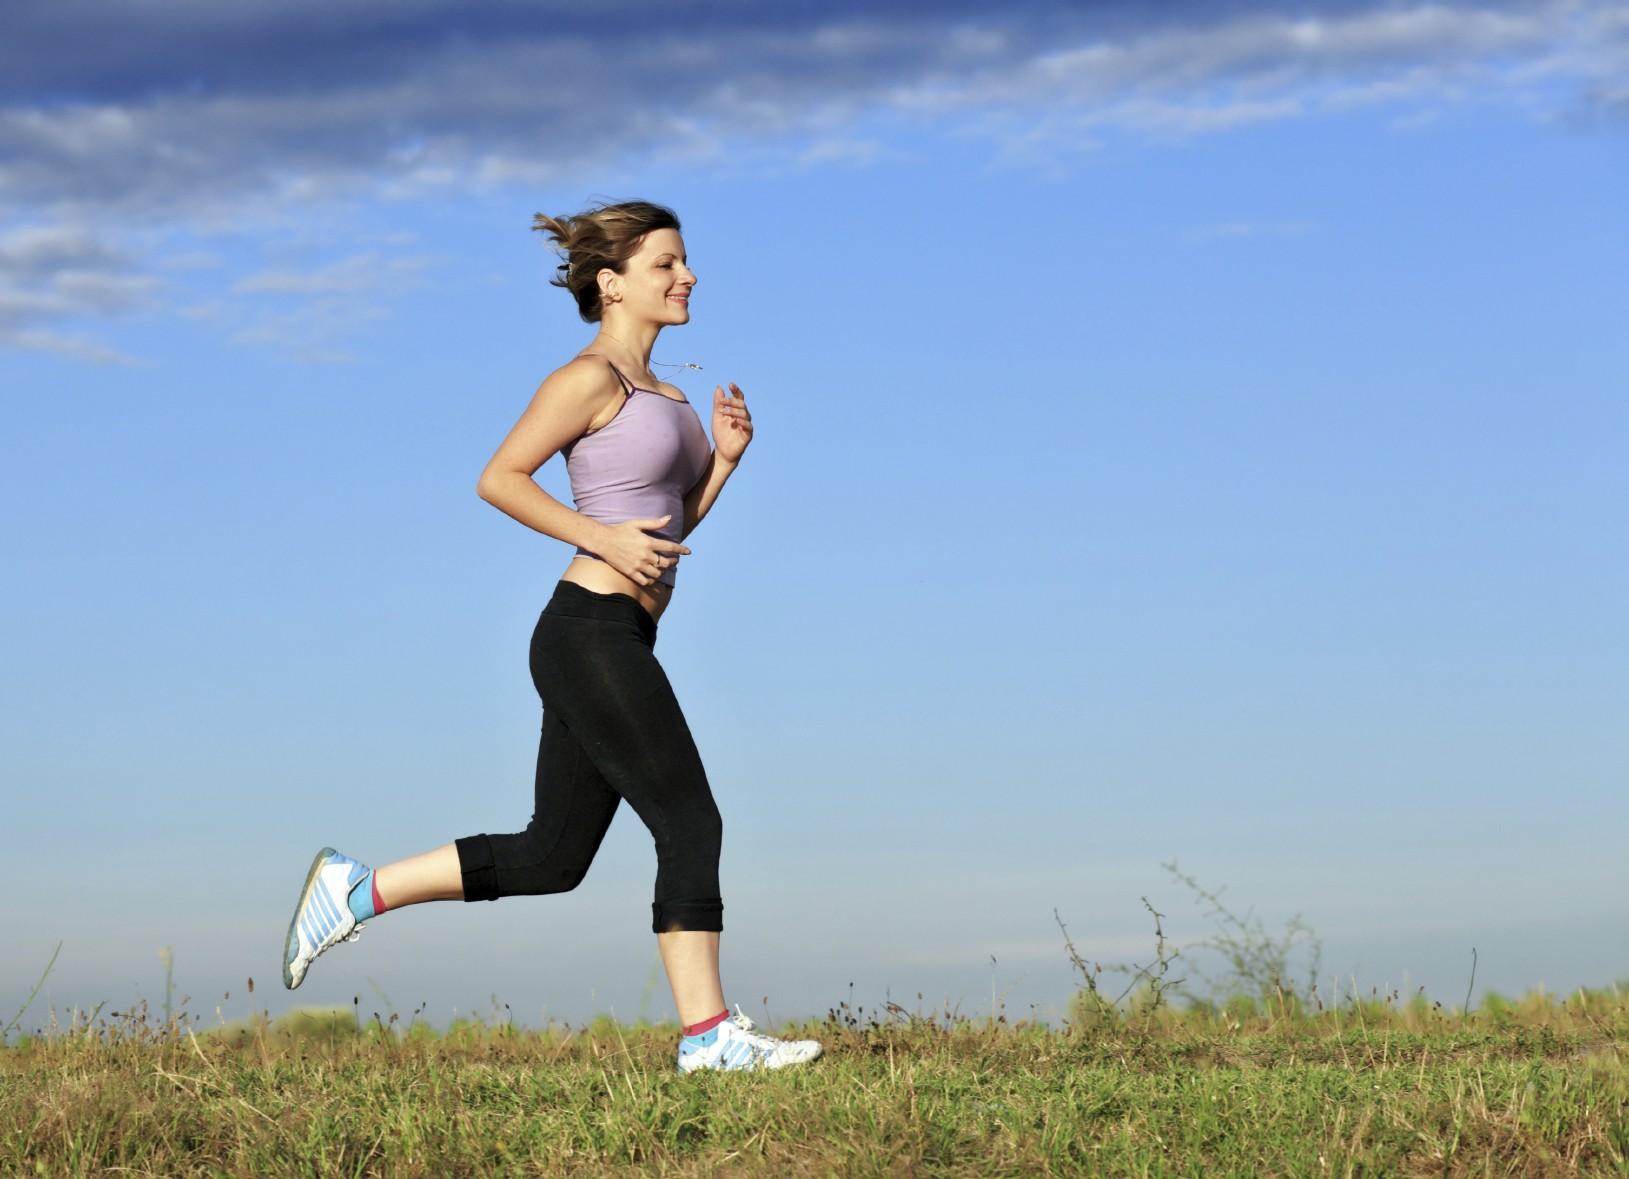 hogyan lehet megszabadulni a magas vérnyomástól ha a nyomás a hipertóniával hirtelen csökkent